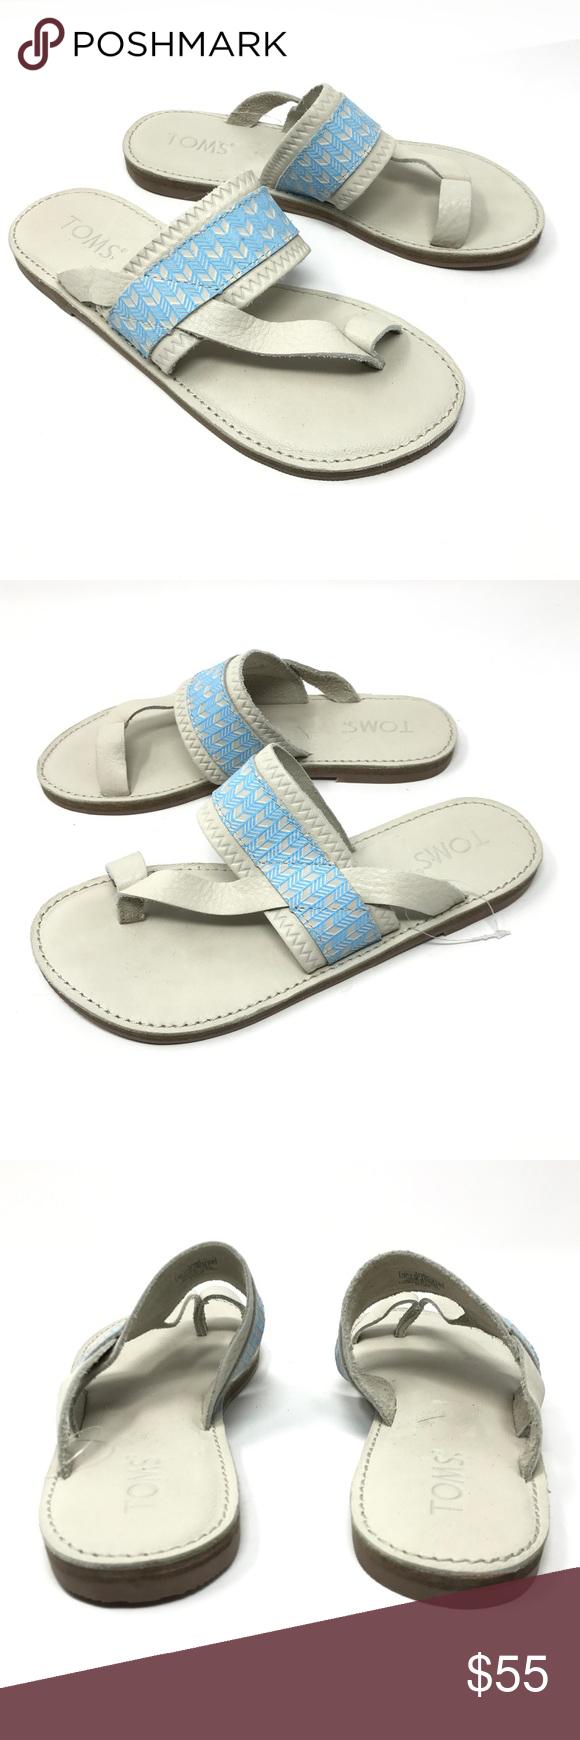 5b53bfec29c TOMS Isabela Flip Flop Sandals Women s Sz 6 NEW TOMS Isabela Flip Flop  Sandals Women s Sz